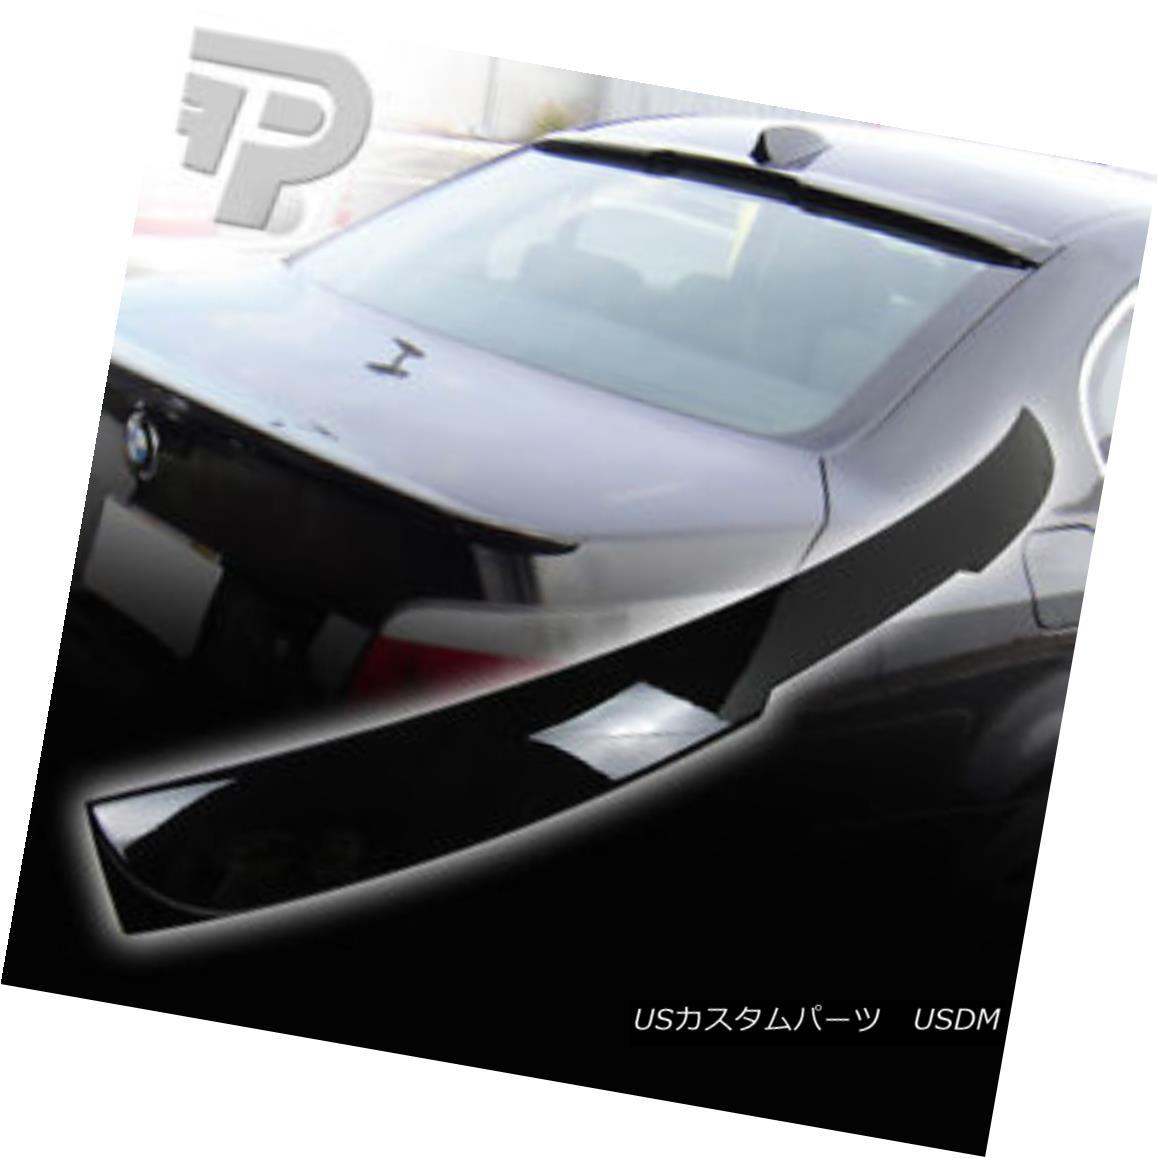 エアロパーツ PAINTED E60 BMW 5-SERIES SEDAN ROOF REAR SPOILER A TYPE 668 BLACK ▼ 塗装E60 BMW 5シリーズセダンルーフリアスポイラーAタイプ668ブラック?